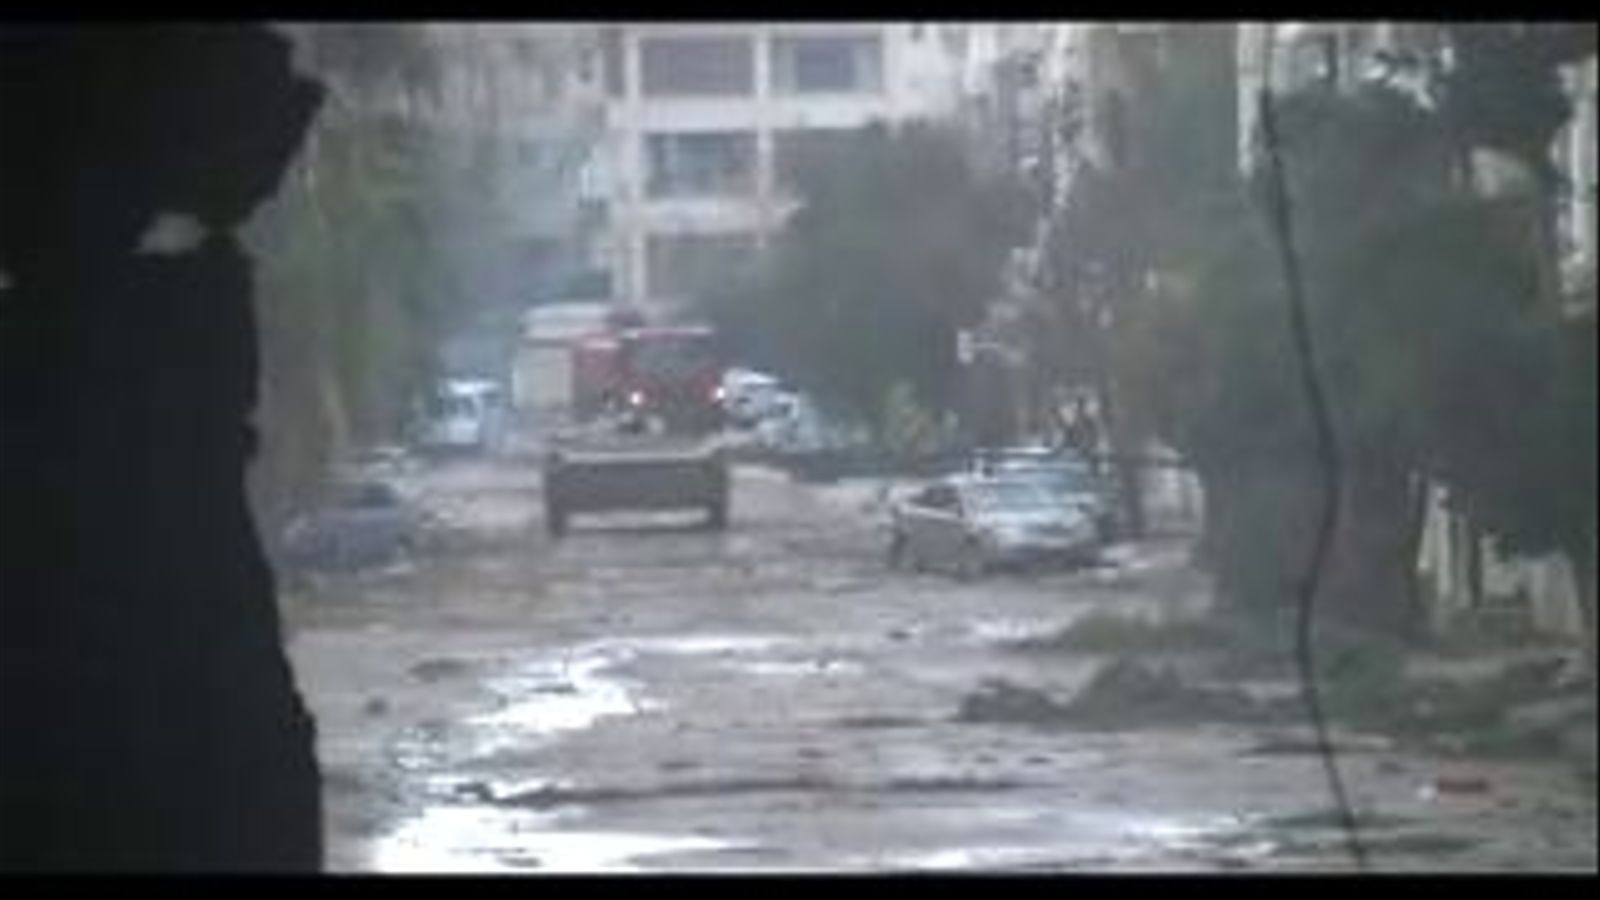 Un activista filma l'entrada dels tancs al barri de Baba Amr, a Homs (Síria)